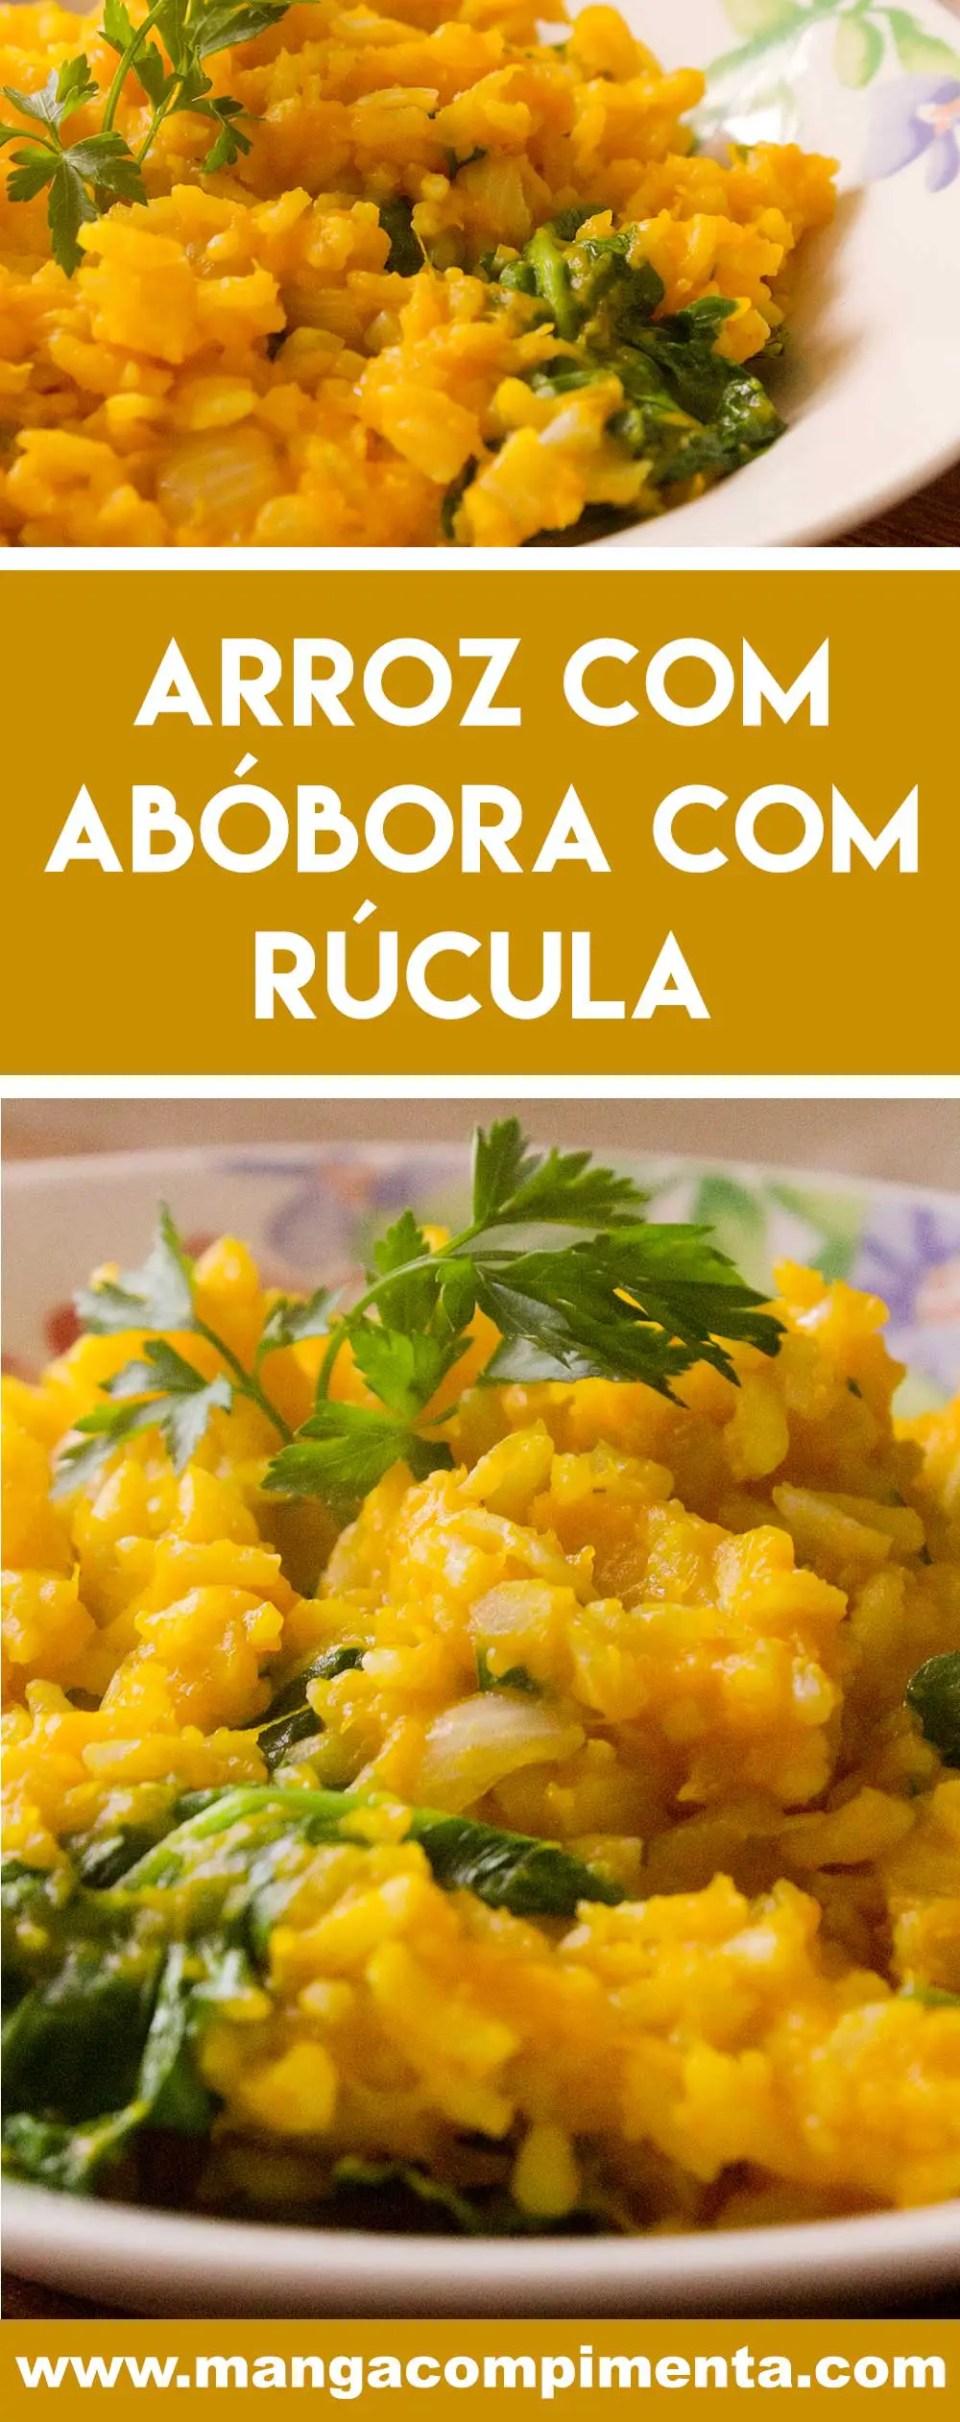 Receita de Arroz com Abóbora com Rúcula - um prato vegetariano delicioso e completo para o almoço da semana.